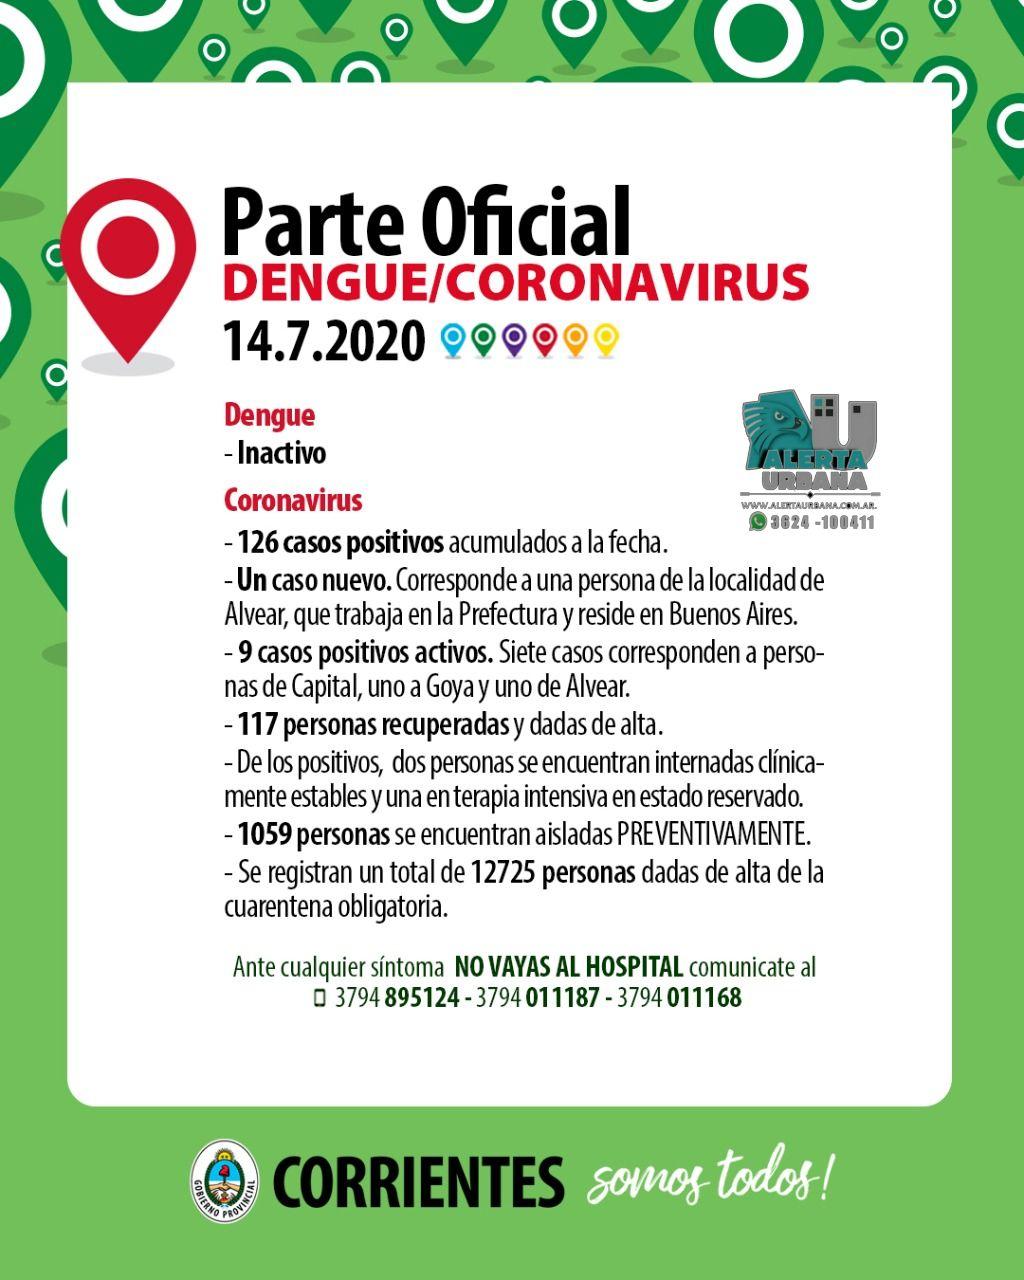 Un nuevo caso de Covid-19 en Corrientes